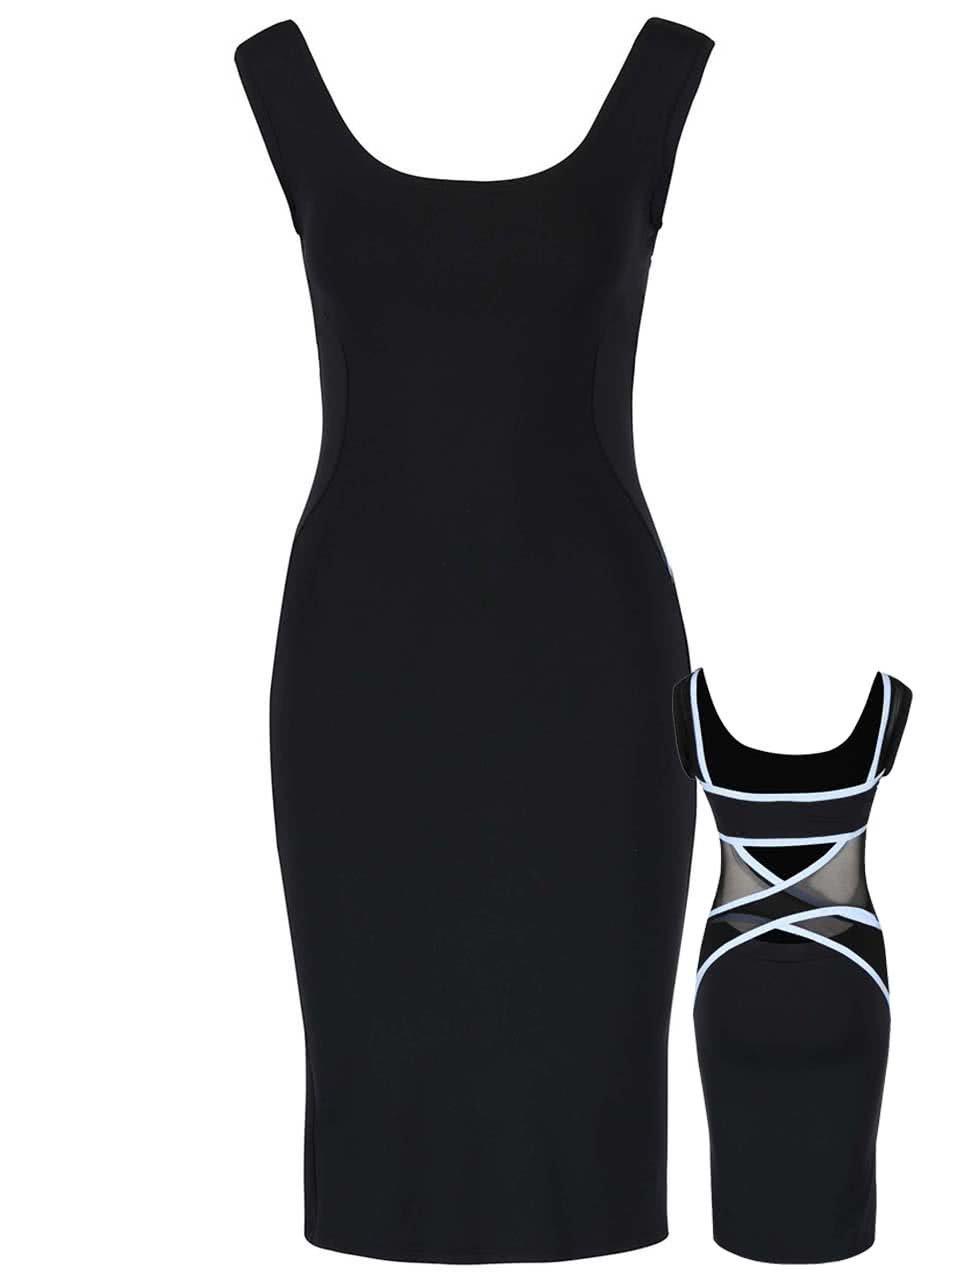 Modro-černé elastické šaty s ozdobnými pásy přes záda Quontum